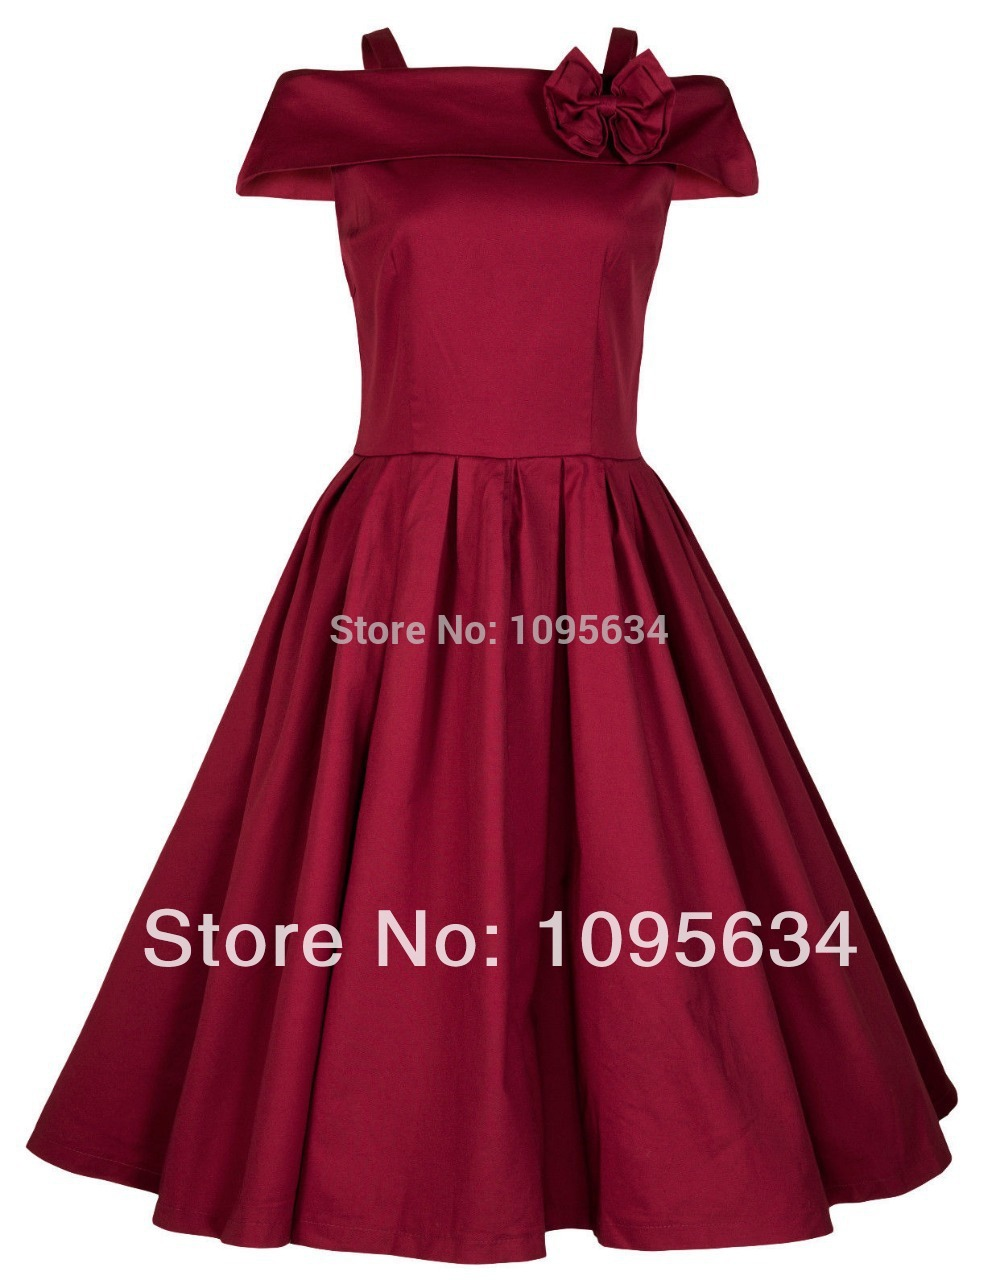 Купить платья недорого китай